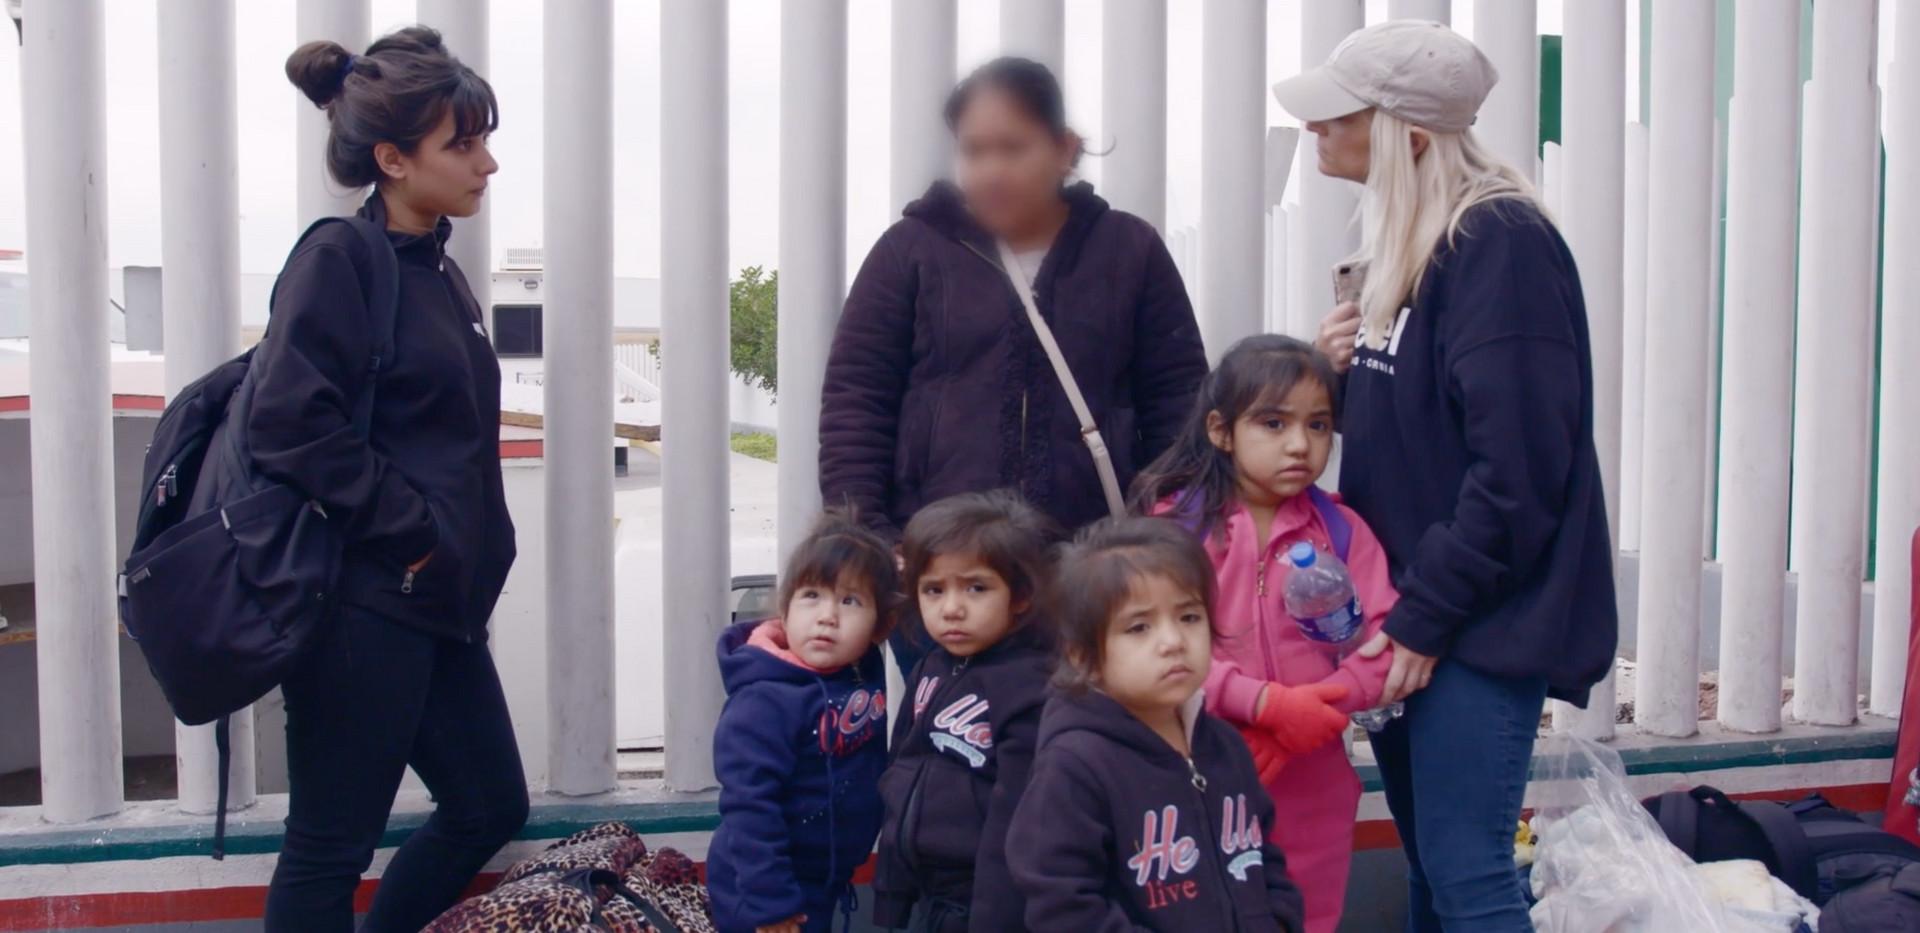 MigrantFamily.jpg